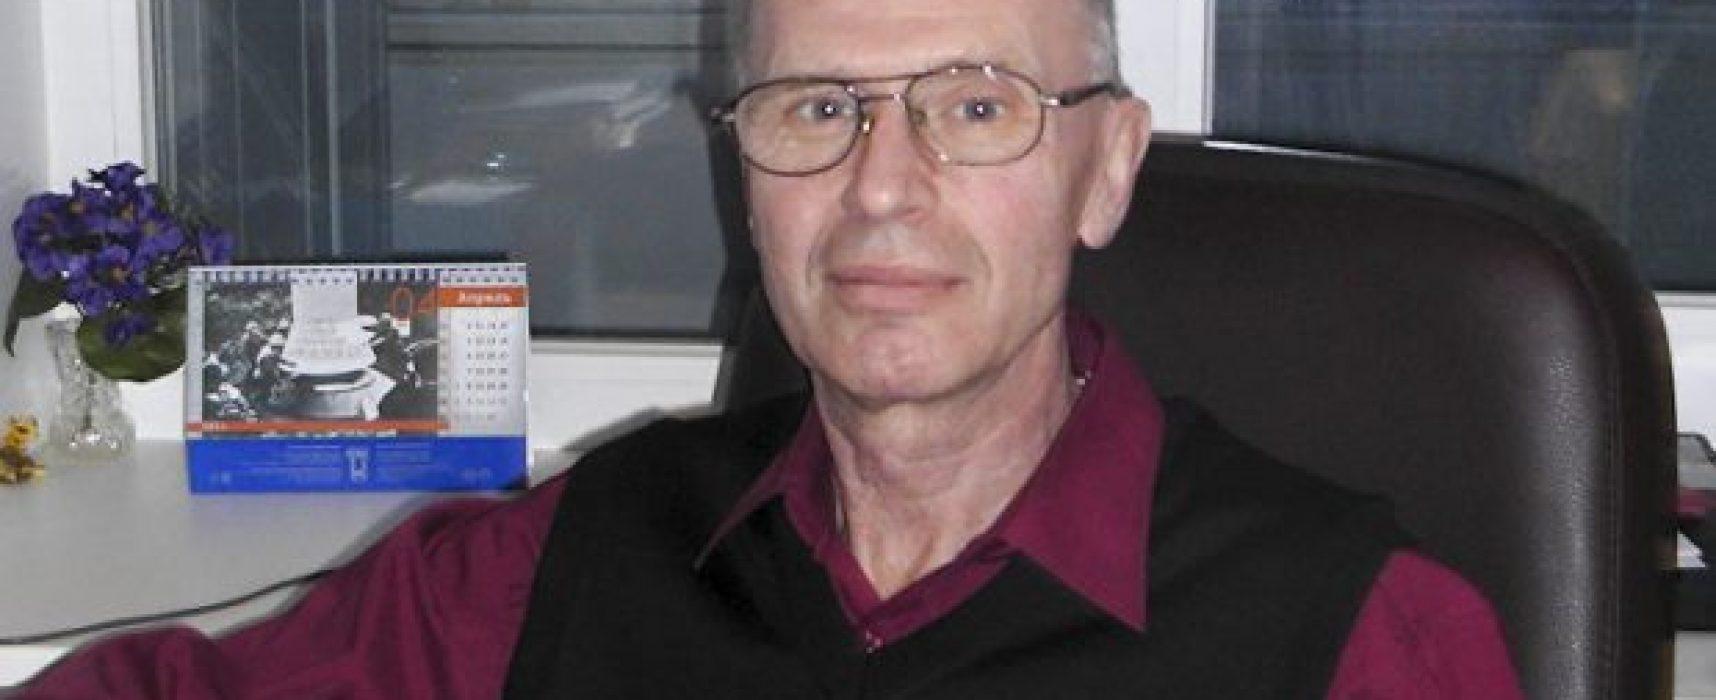 Создатель «Новичка» в интервью Newsader: Произведенное в Чехии вещество не имело отношения к А-234, которым были отравлены Скрипали